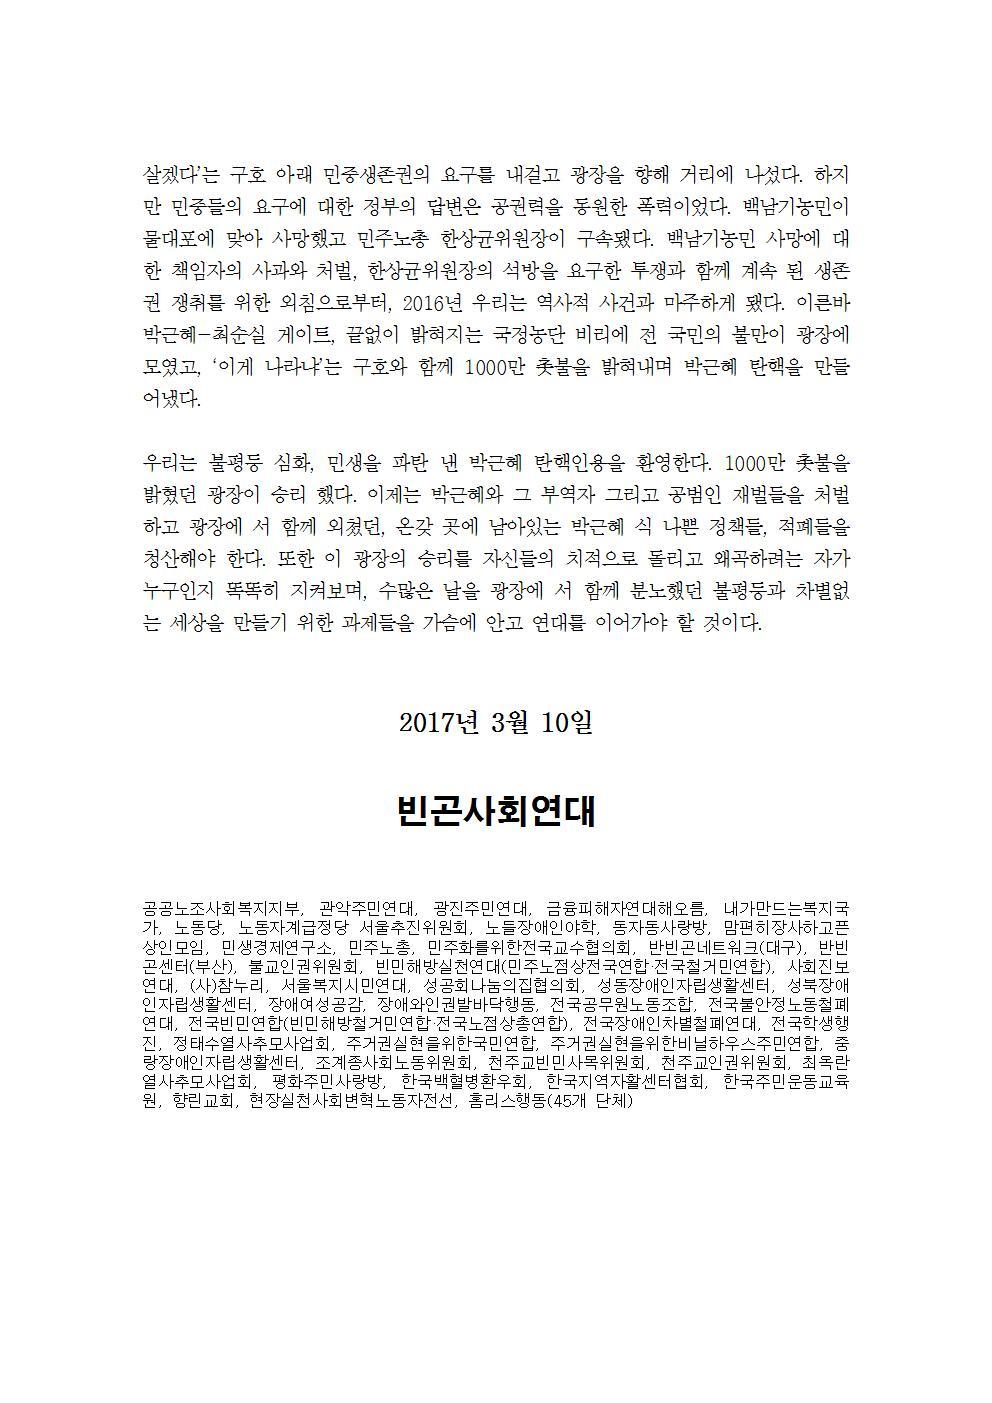 20170310_[성명]_'박근혜 탄핵인용' 광장이 승리했다!002.jpg